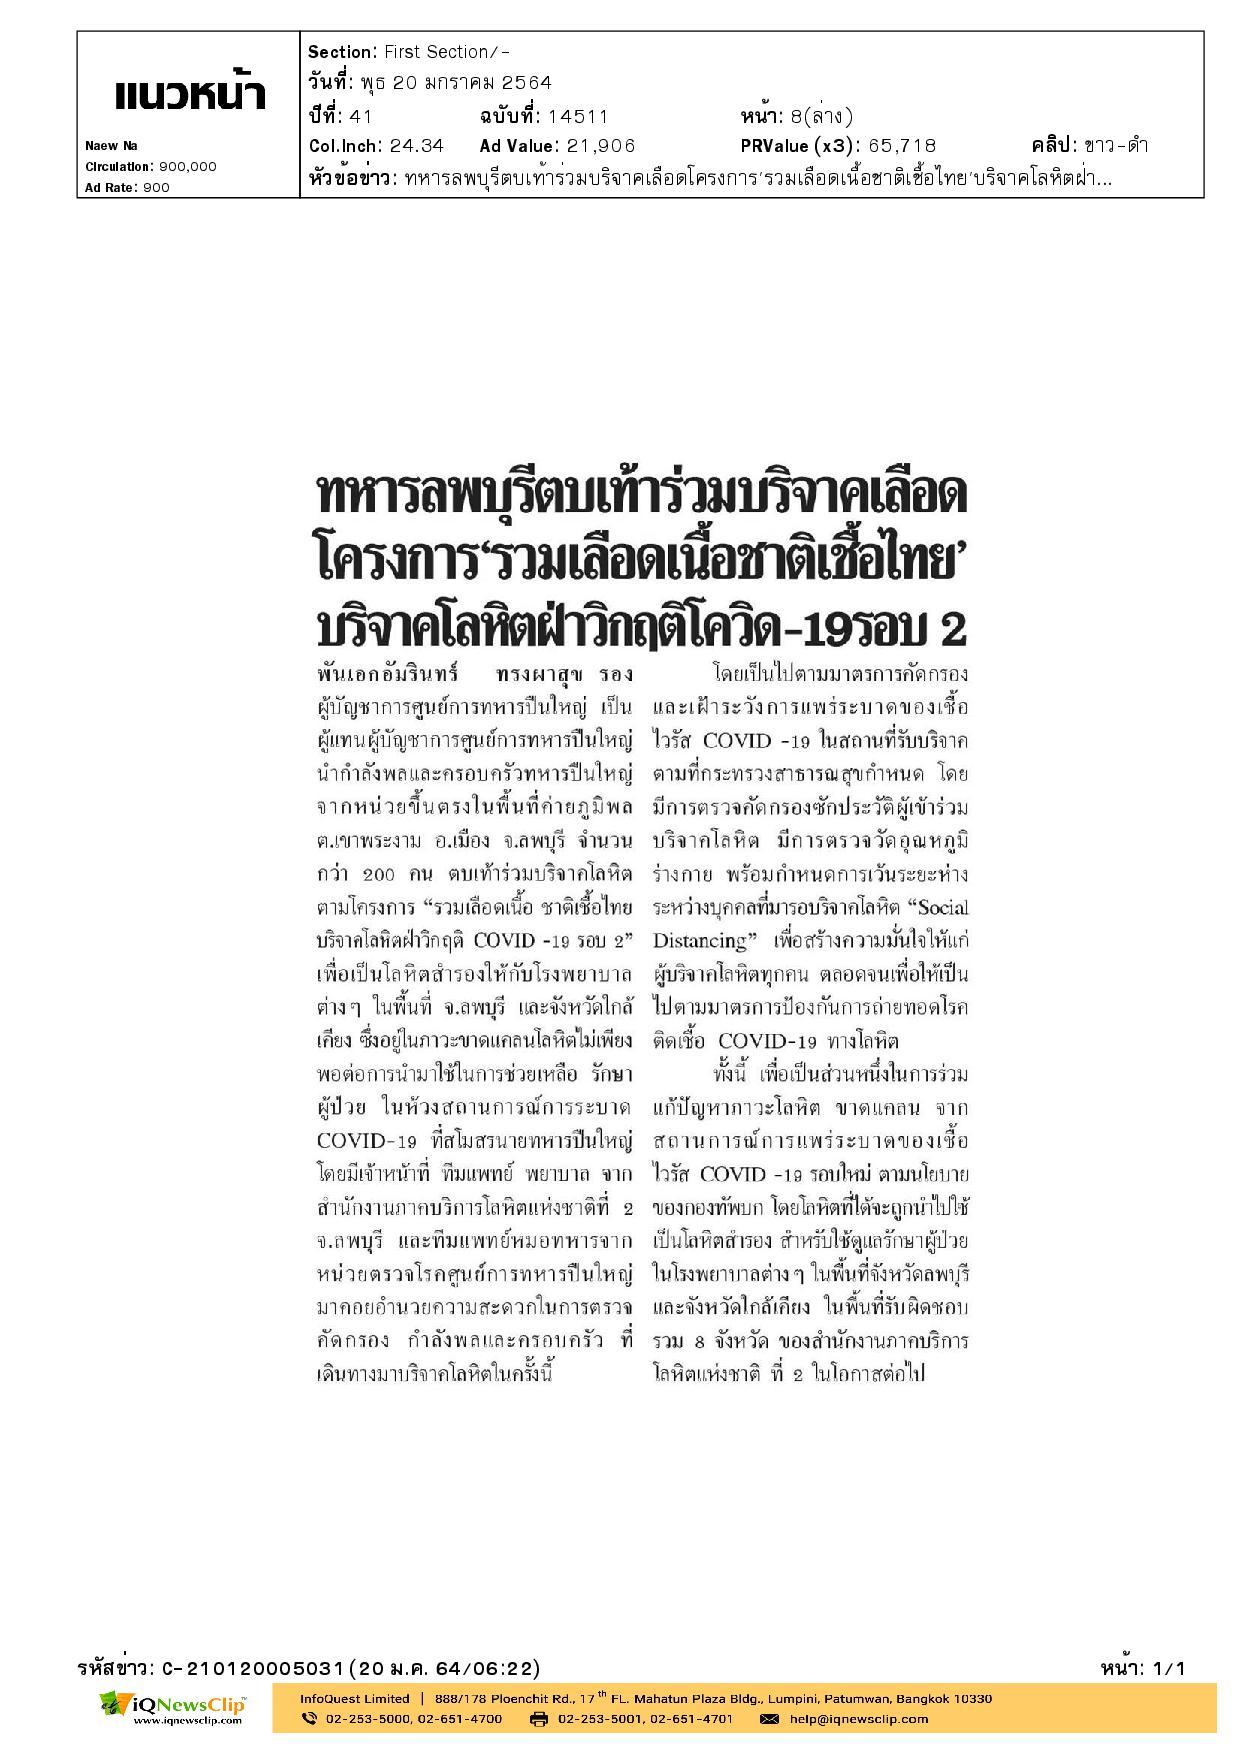 """โครงการ""""รวมเลือดเนื้อ ชาติเชื้อไทย บริจาคโลหิตฝ่าวิกฤติ COVID-19 รอบ 2"""""""